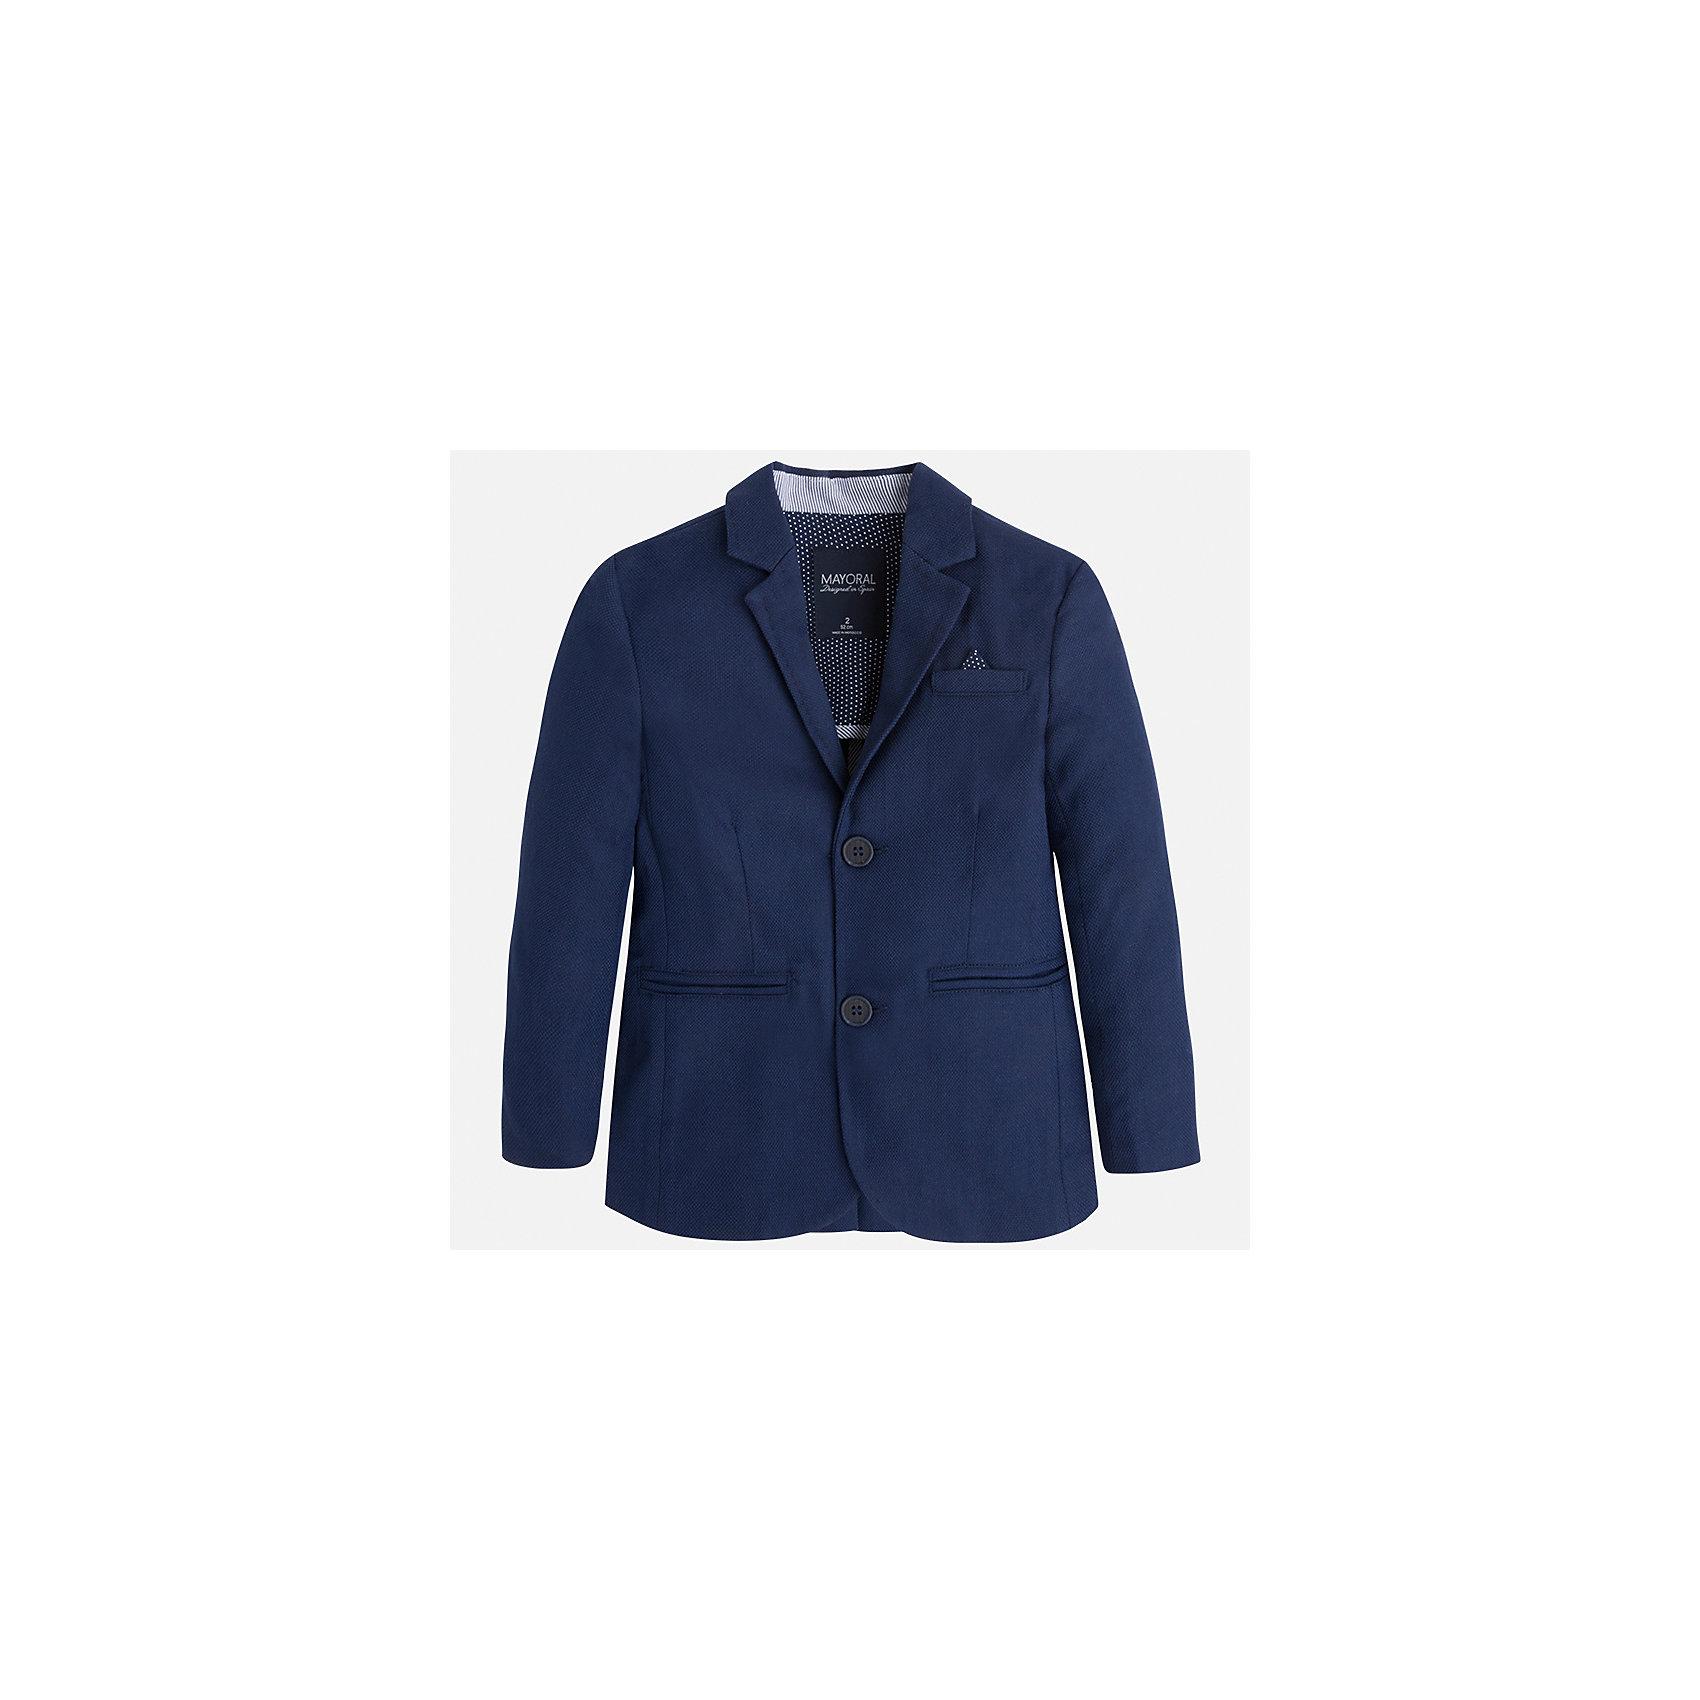 Пиджак для мальчика MayoralПиджаки и костюмы<br>Характеристики товара:<br><br>• цвет: синий<br>• состав: 78% хлопок, 20% лен, 2% эластан<br>• рукава длинные <br>• карманы<br>• пуговицы <br>• отложной воротник<br>• страна бренда: Испания<br><br>Удобный и красивый пиджак для мальчика поможет разнообразить гардероб ребенка и дополнить наряд. Он отлично сочетается с брюками классического кроя. Универсальный цвет позволяет подобрать к вещи низ различных расцветок. Модное и элегантное изделие. В составе материала - натуральный хлопок, гипоаллергенный, приятный на ощупь, дышащий.<br><br>Одежда, обувь и аксессуары от испанского бренда Mayoral полюбились детям и взрослым по всему миру. Модели этой марки - стильные и удобные. Для их производства используются только безопасные, качественные материалы и фурнитура. Порадуйте ребенка модными и красивыми вещами от Mayoral! <br><br>Пиджак для мальчика от испанского бренда Mayoral (Майорал) можно купить в нашем интернет-магазине.<br><br>Ширина мм: 174<br>Глубина мм: 10<br>Высота мм: 169<br>Вес г: 157<br>Цвет: синий<br>Возраст от месяцев: 18<br>Возраст до месяцев: 24<br>Пол: Мужской<br>Возраст: Детский<br>Размер: 92,128,134,110,98,104,116,122<br>SKU: 5280522